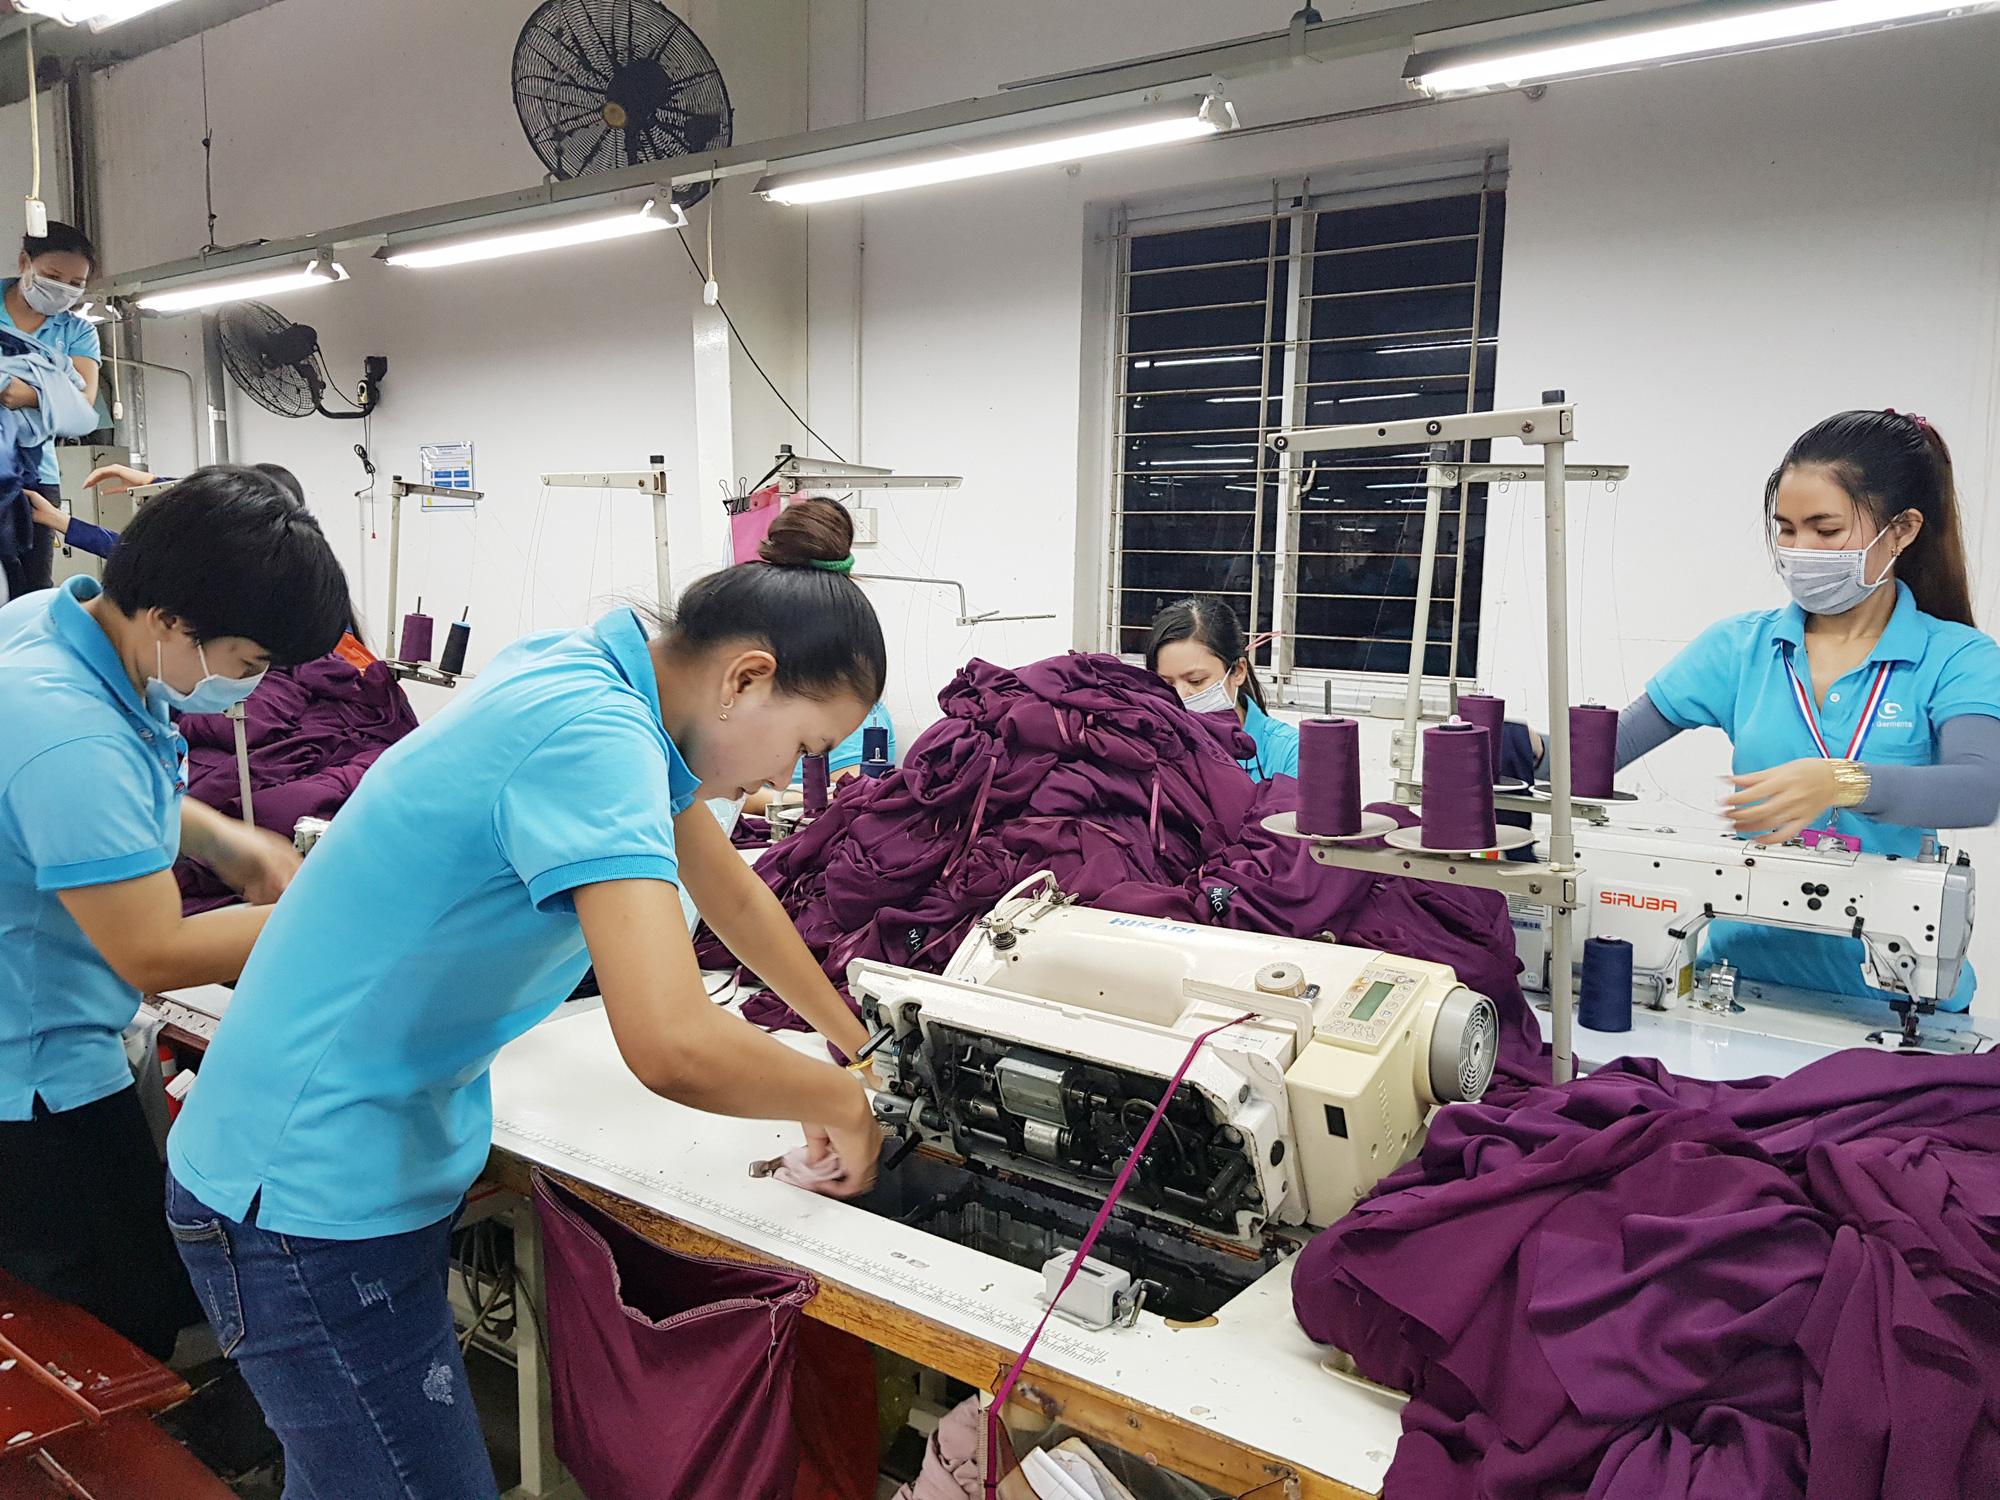 Covid-19 khiến hơn 10 triệu lao động Việt Nam bị giảm lương, mất việc - Ảnh 1.